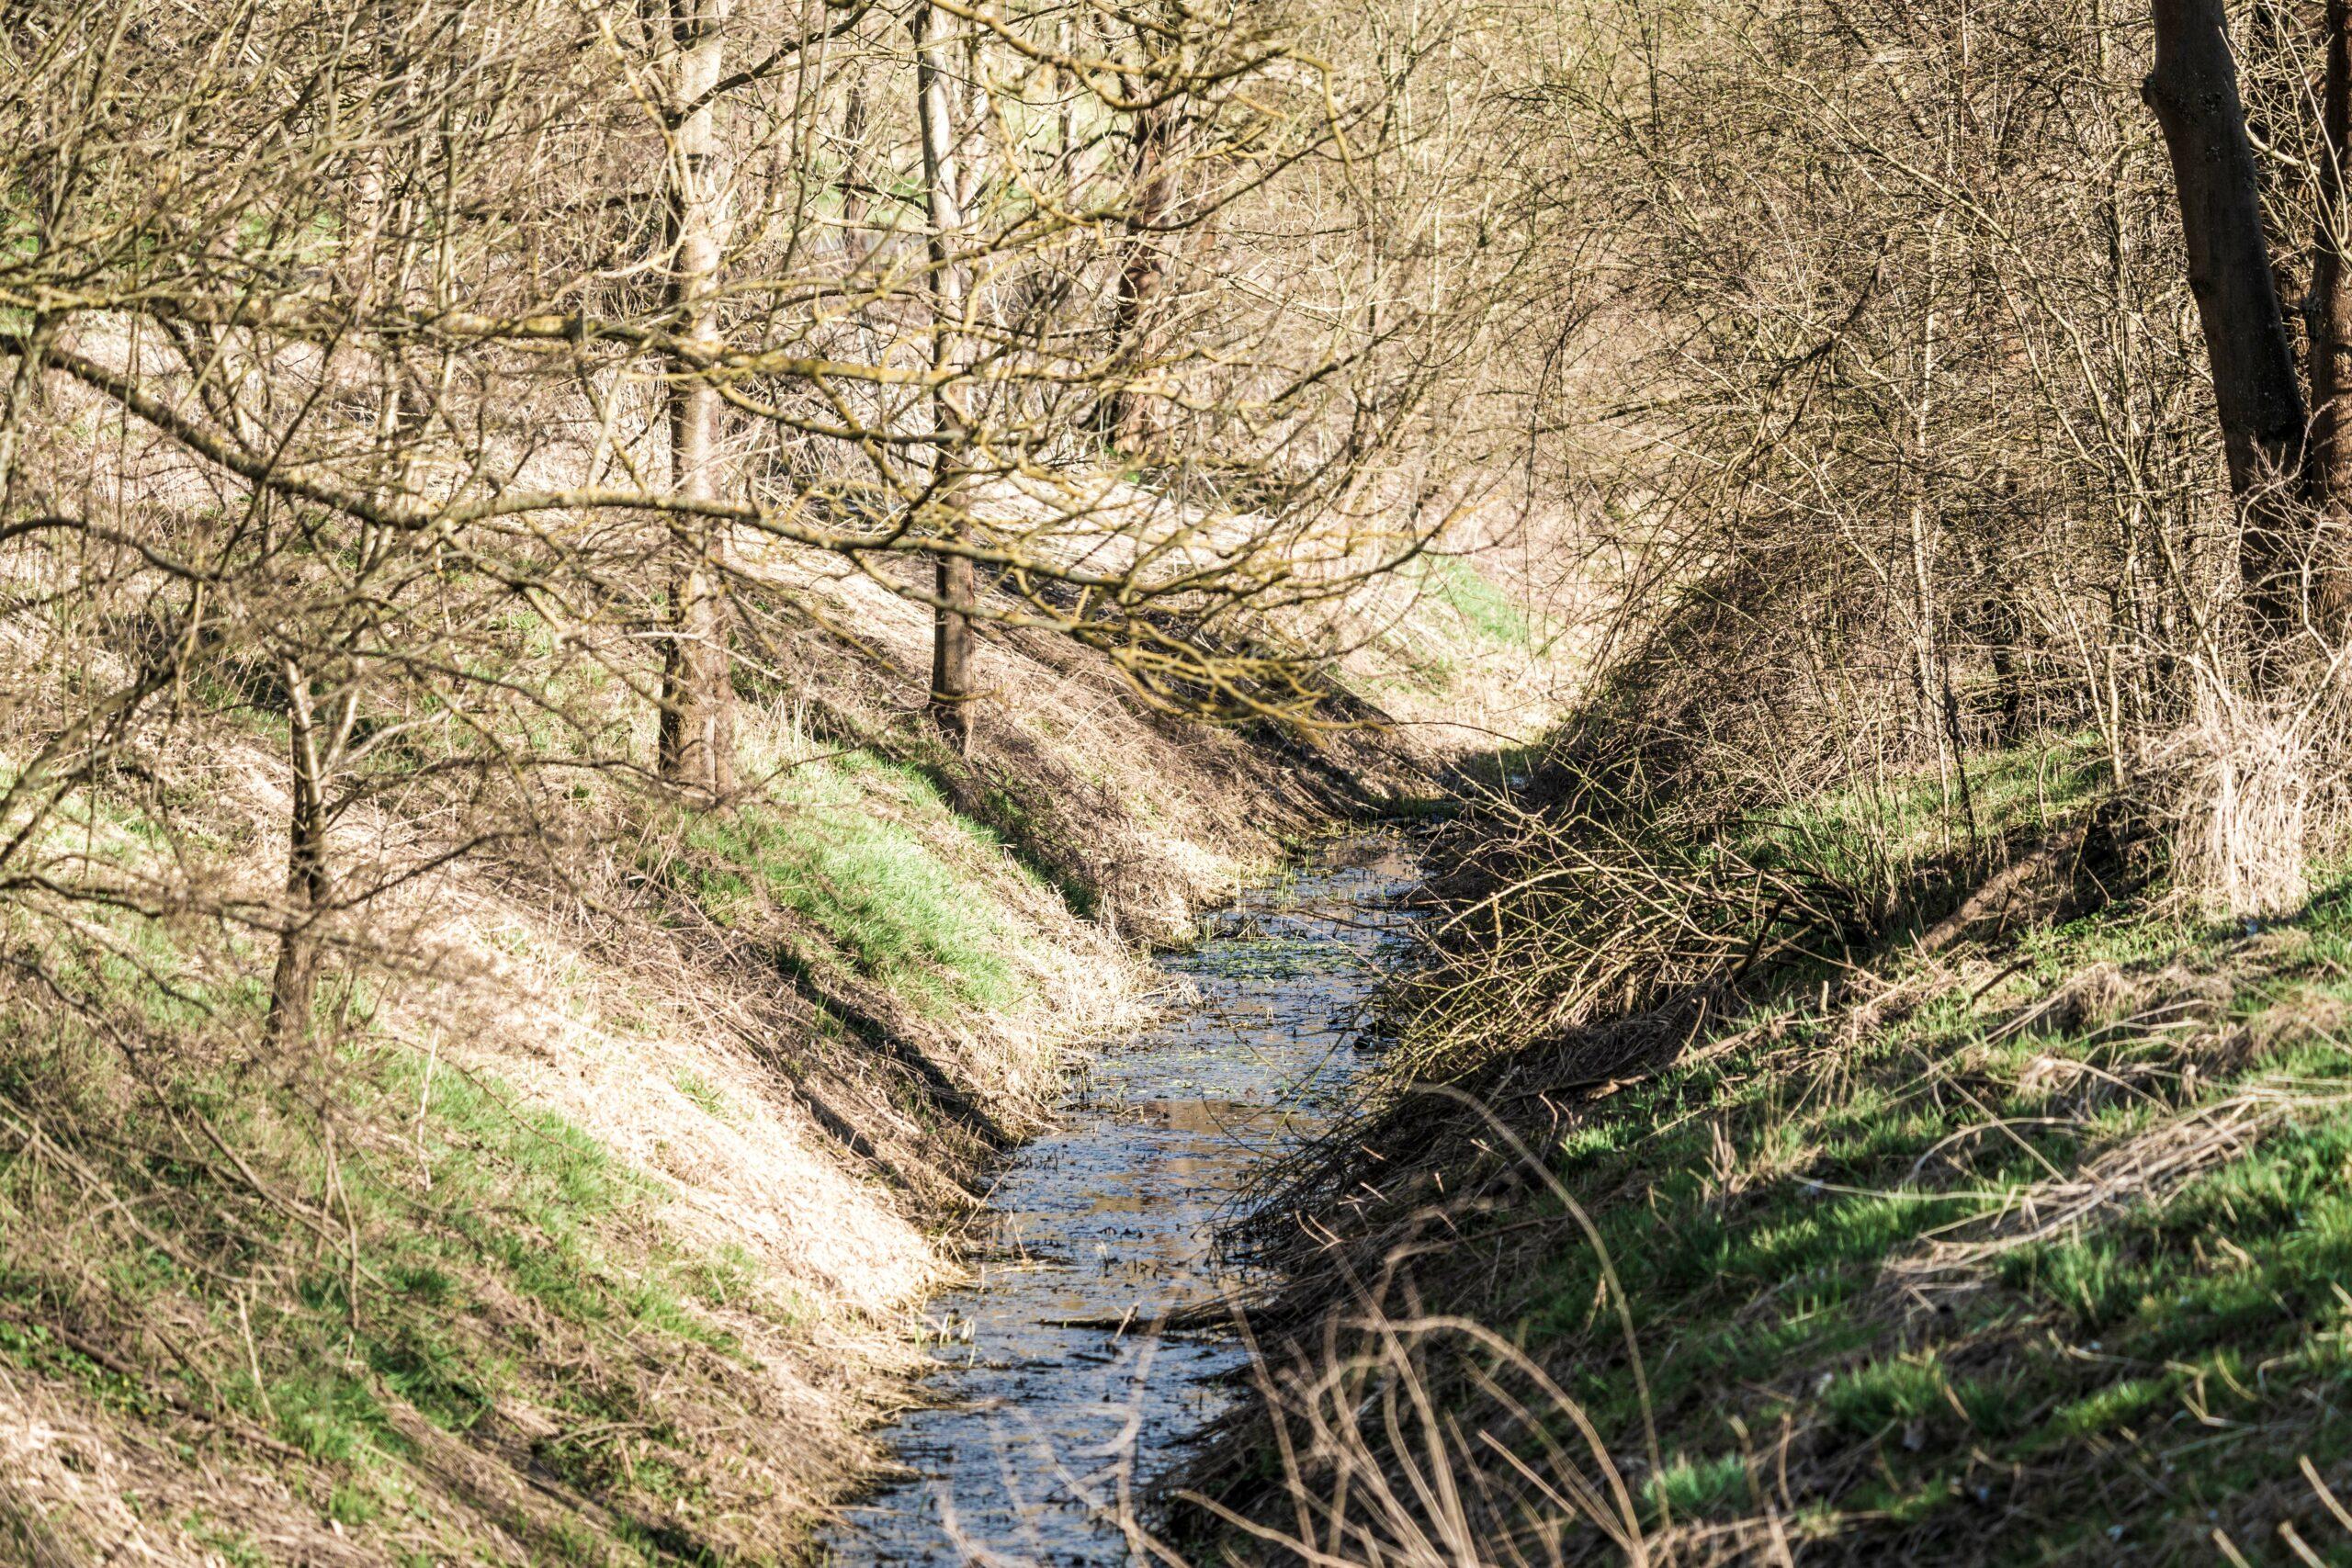 Thüringen, Gerstungen, Zufluss zur Werra